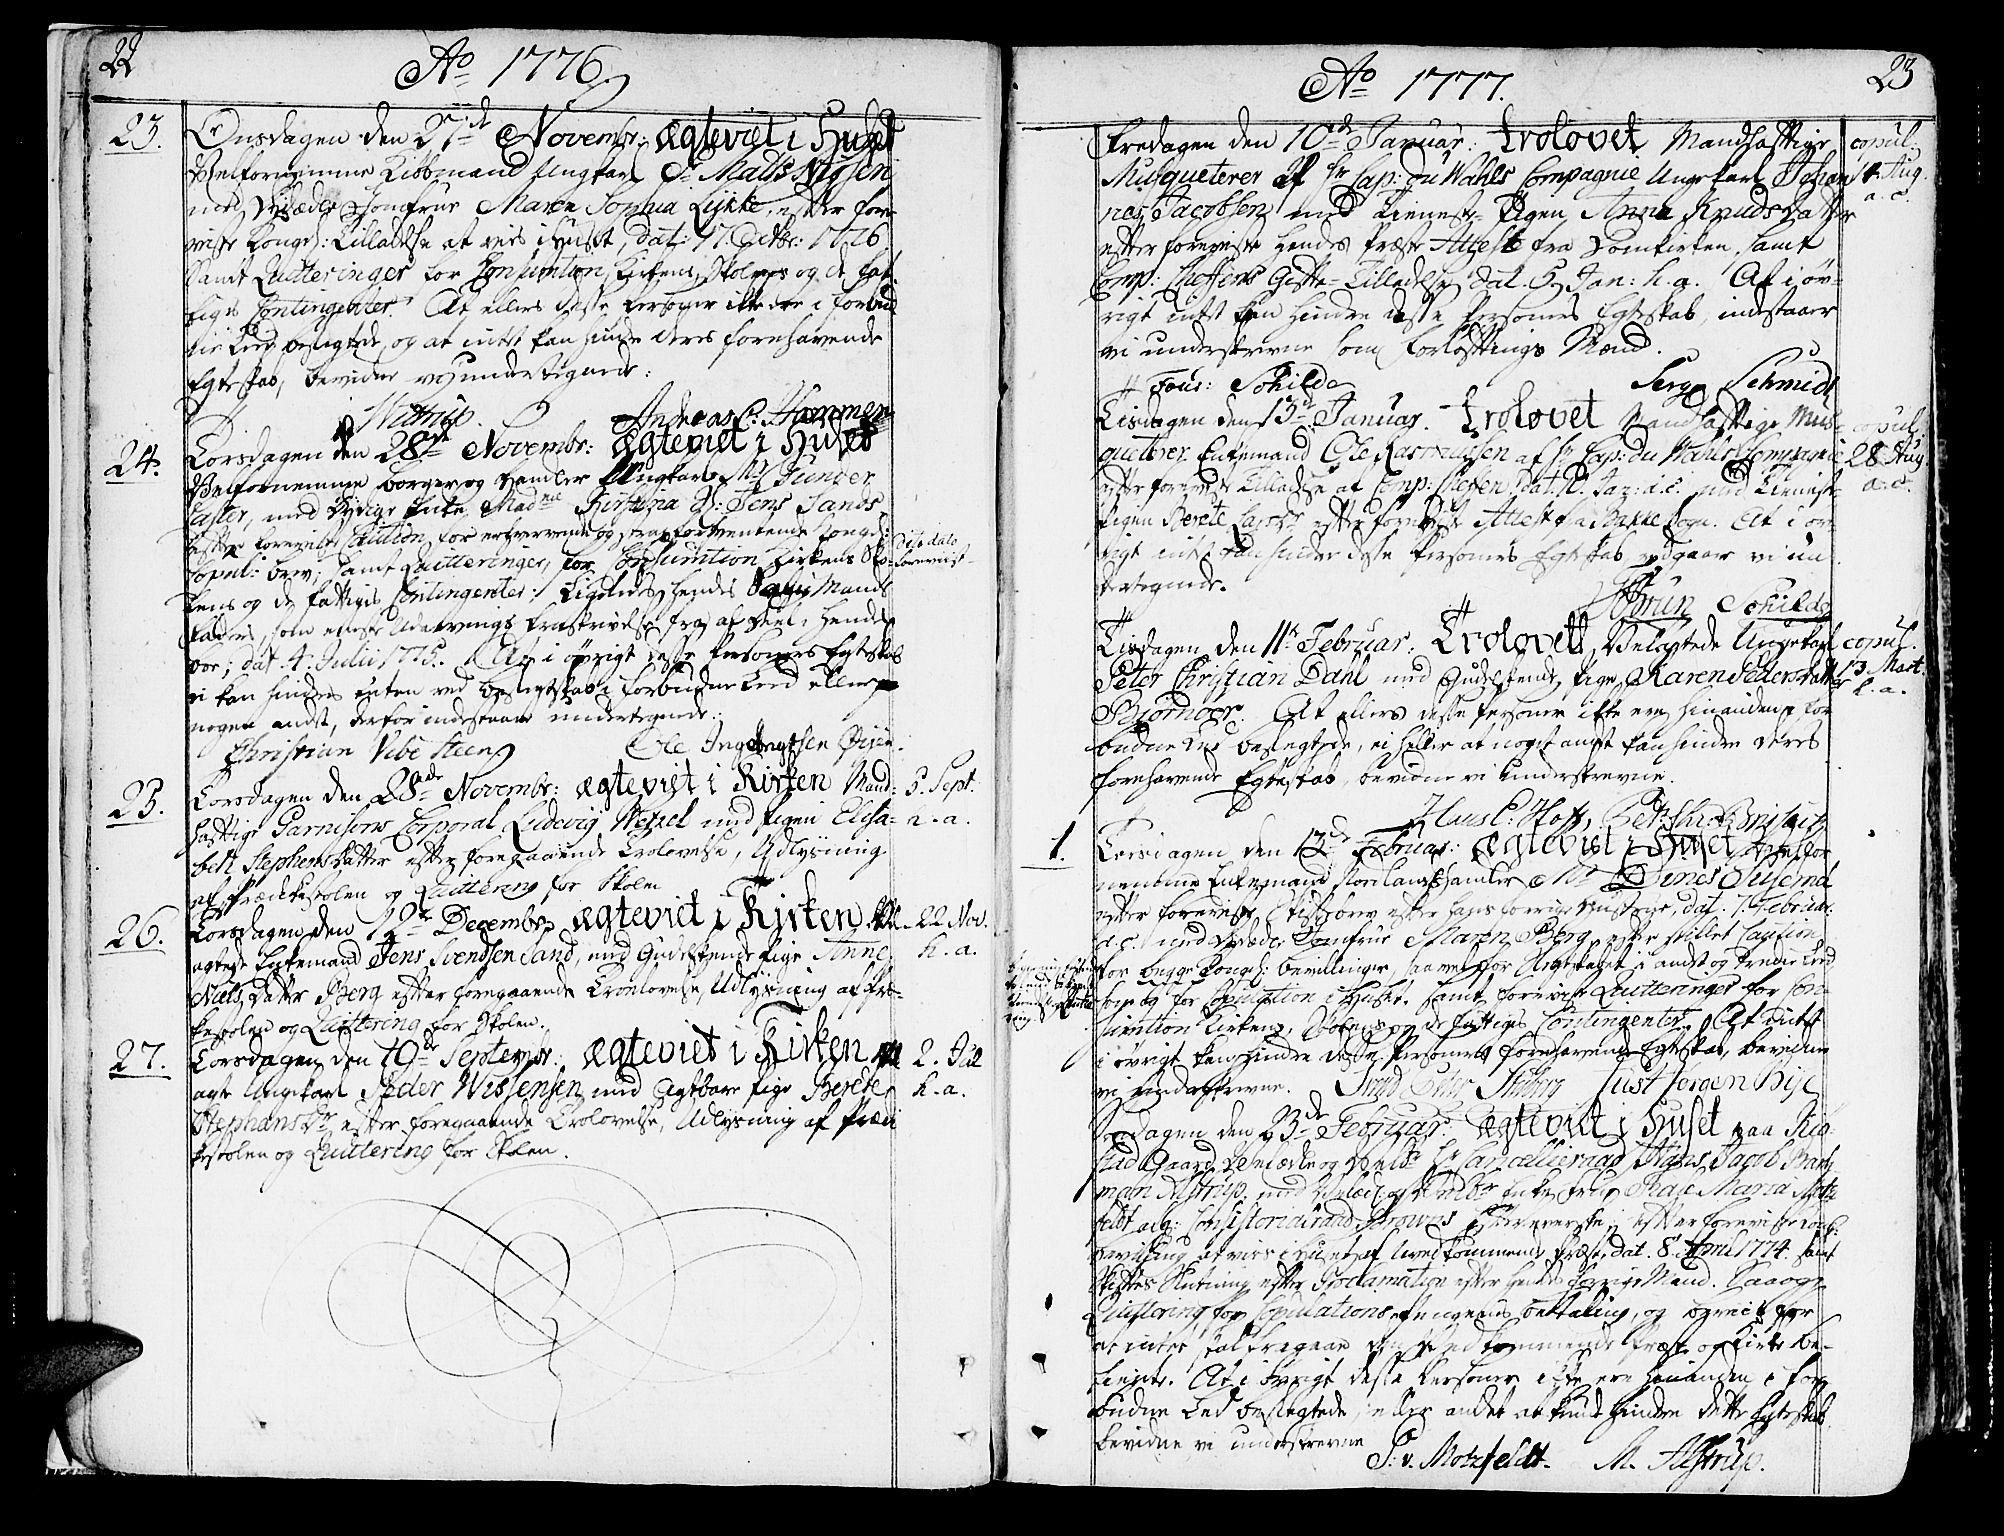 SAT, Ministerialprotokoller, klokkerbøker og fødselsregistre - Sør-Trøndelag, 602/L0105: Ministerialbok nr. 602A03, 1774-1814, s. 22-23